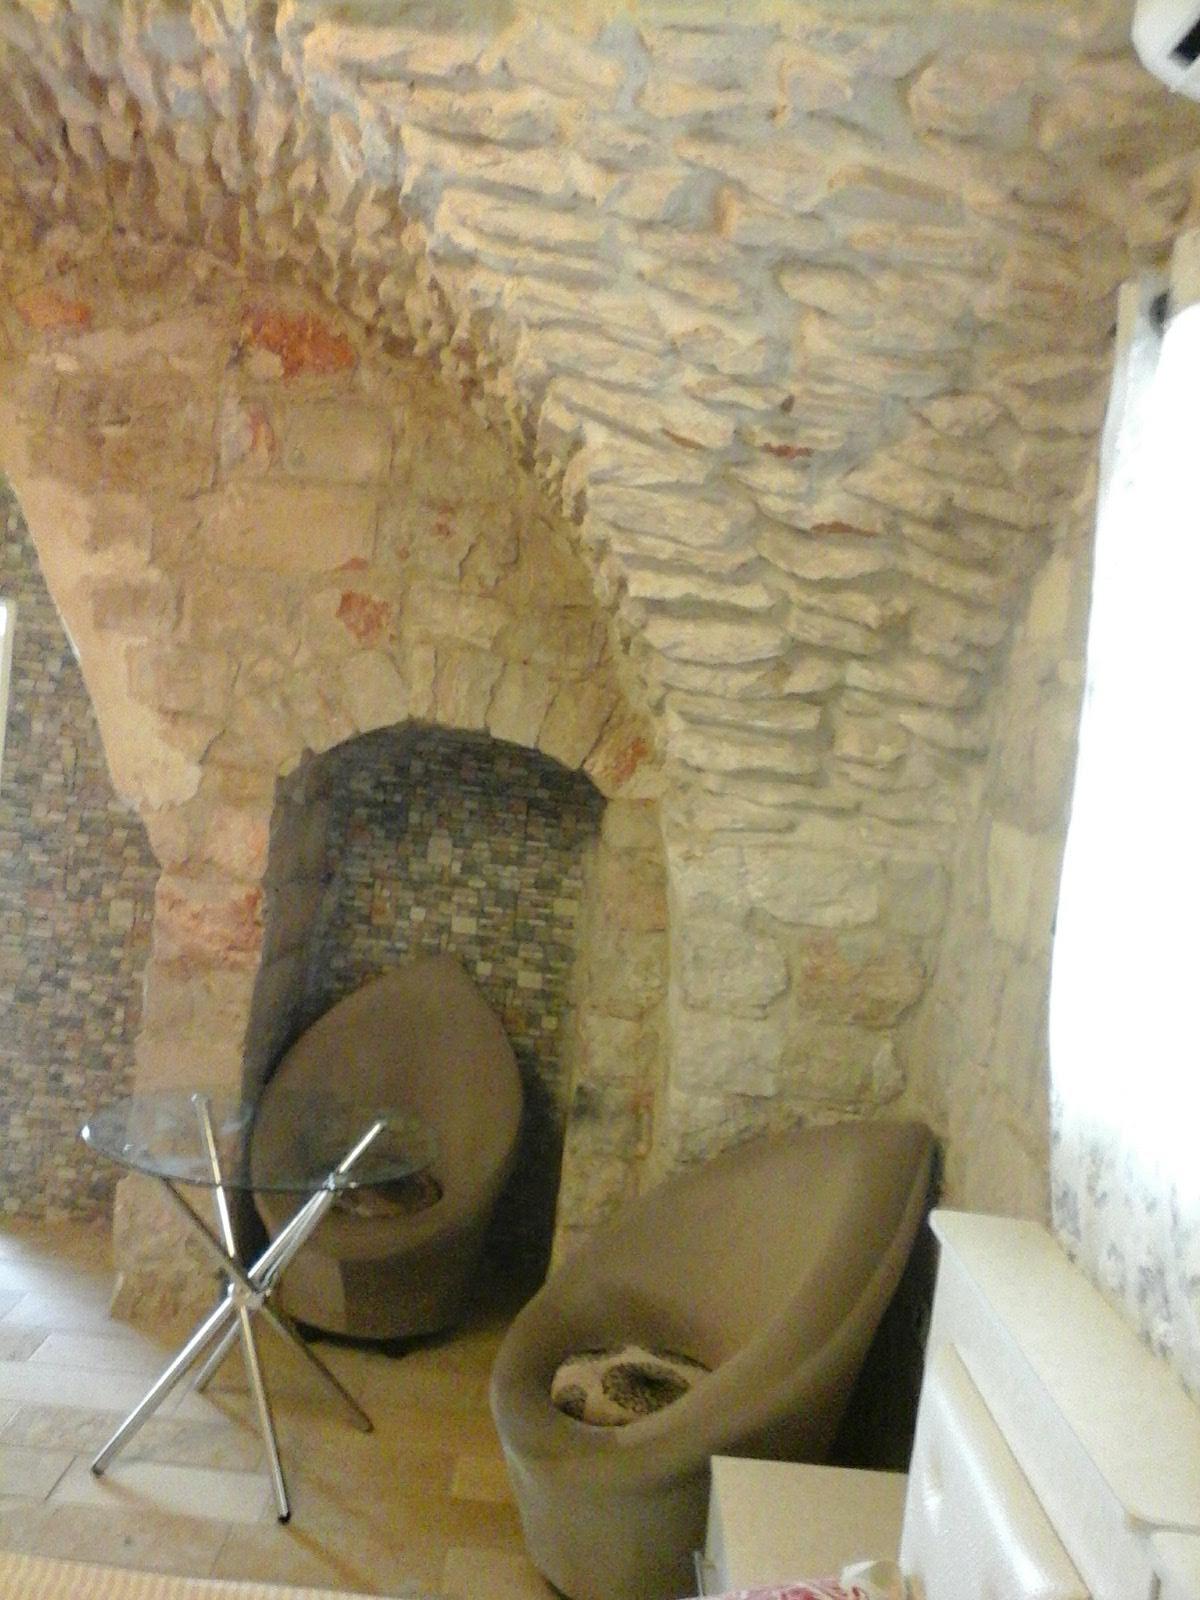 צימרמן צפת צימר לחרדים באווירה הקסומה בין סמטאות עיר העתיקה צימר חדש ויוקרתי, משלב סגנון עתיק ופסטורלי יחד עם יוקרה וחדשנות.